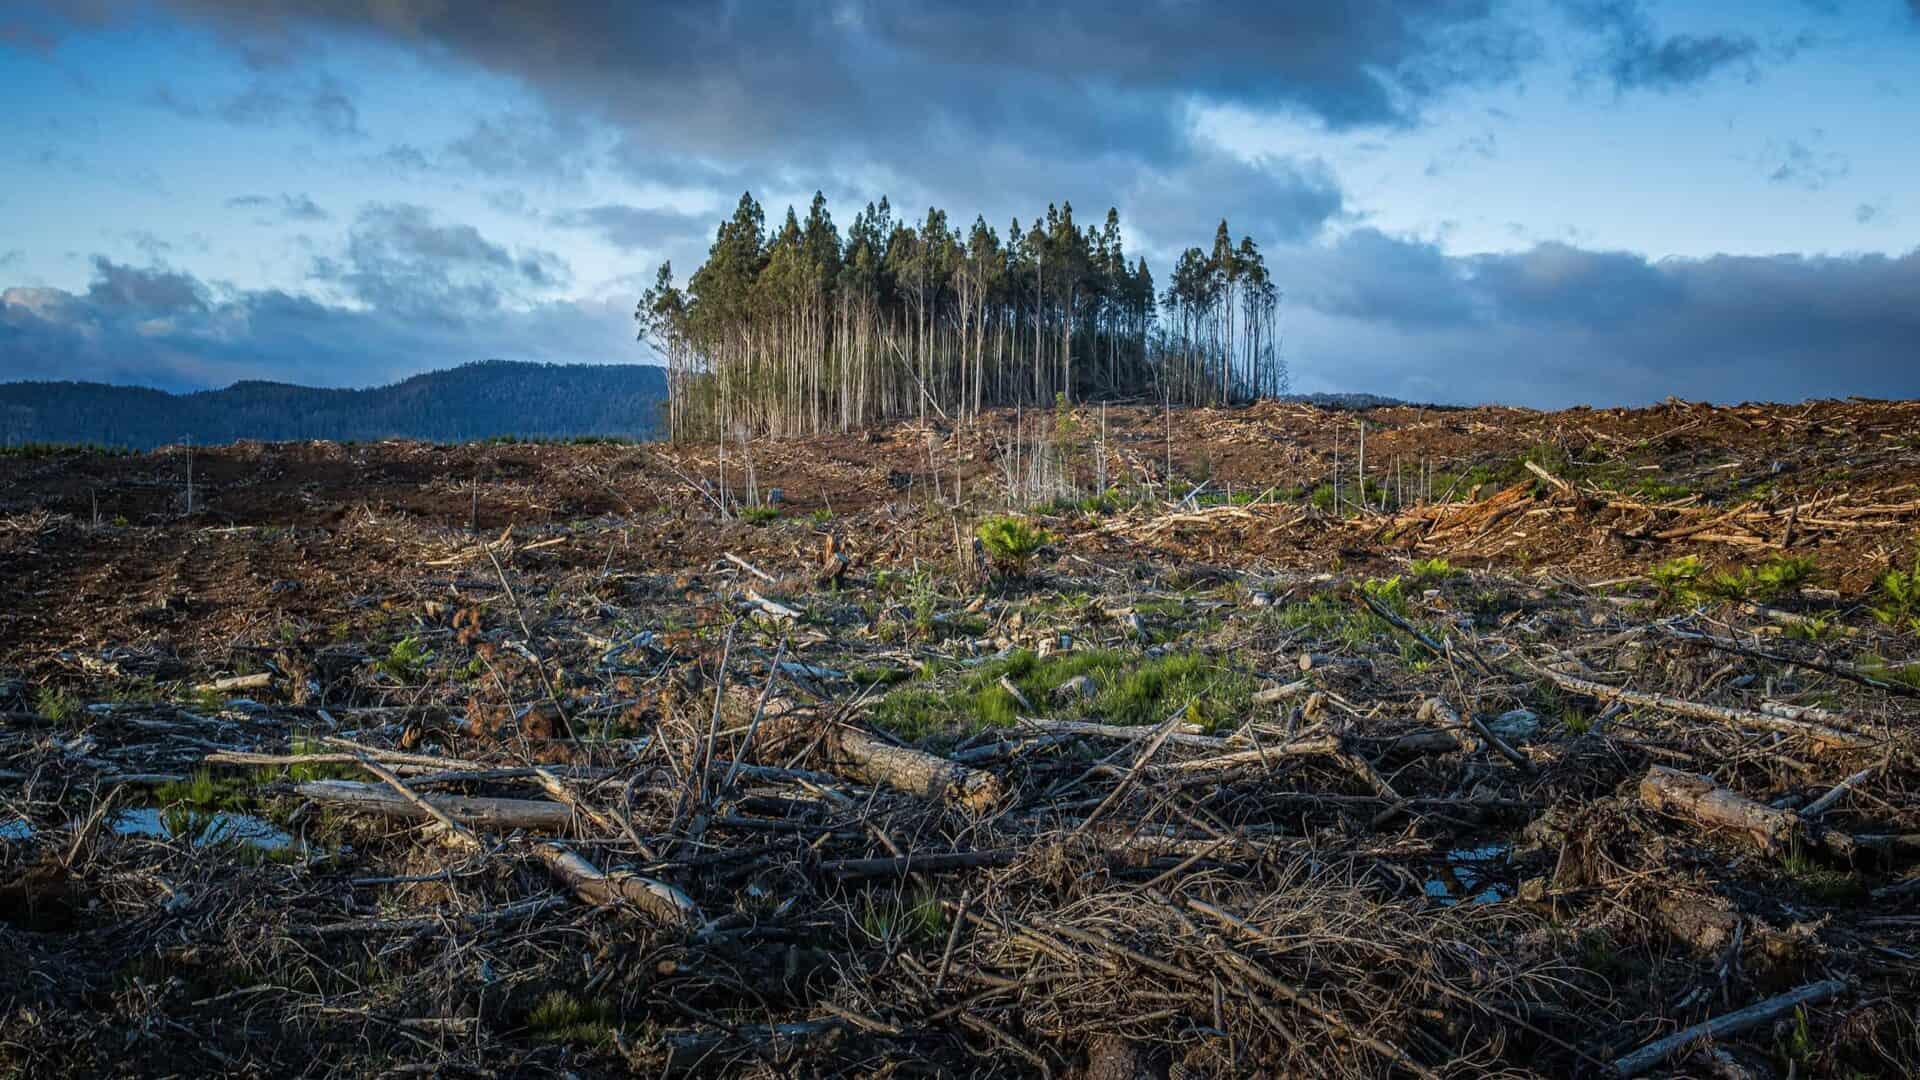 Horizonte de floresta desmatada, com poucas árvores restantes e céu nublado